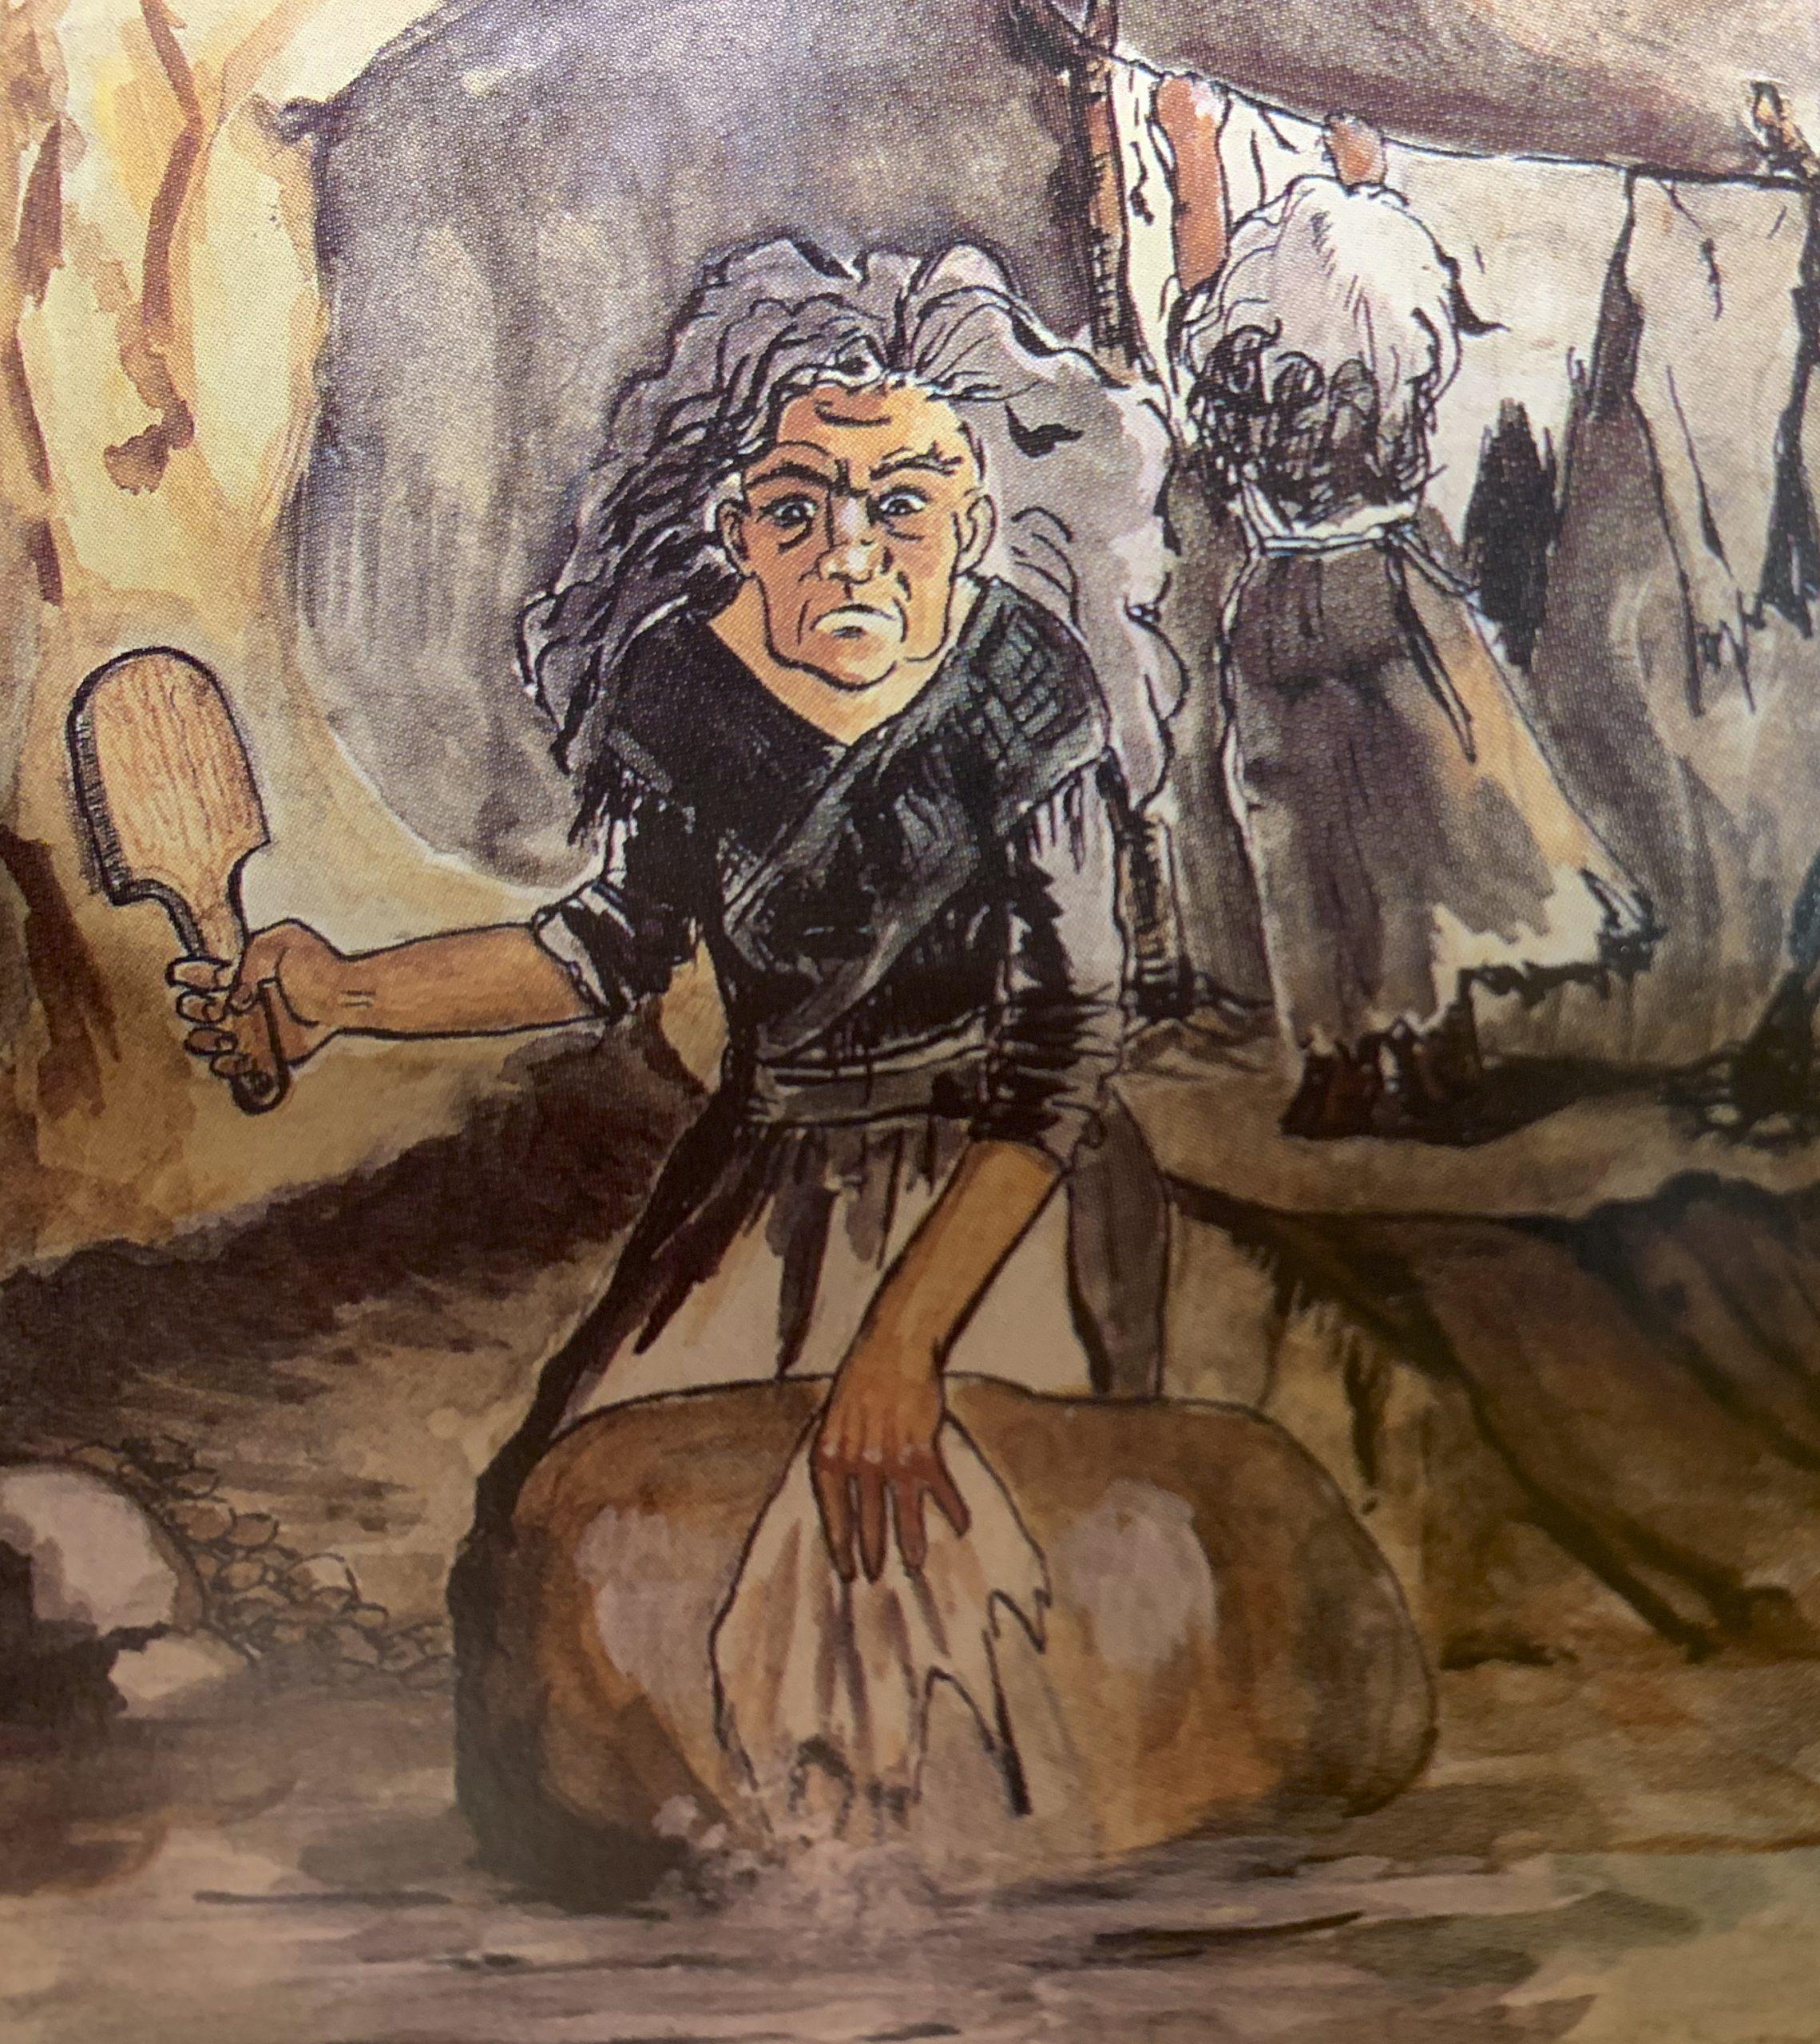 Mitos Indoeuropeos (IV): Las Lavanderas